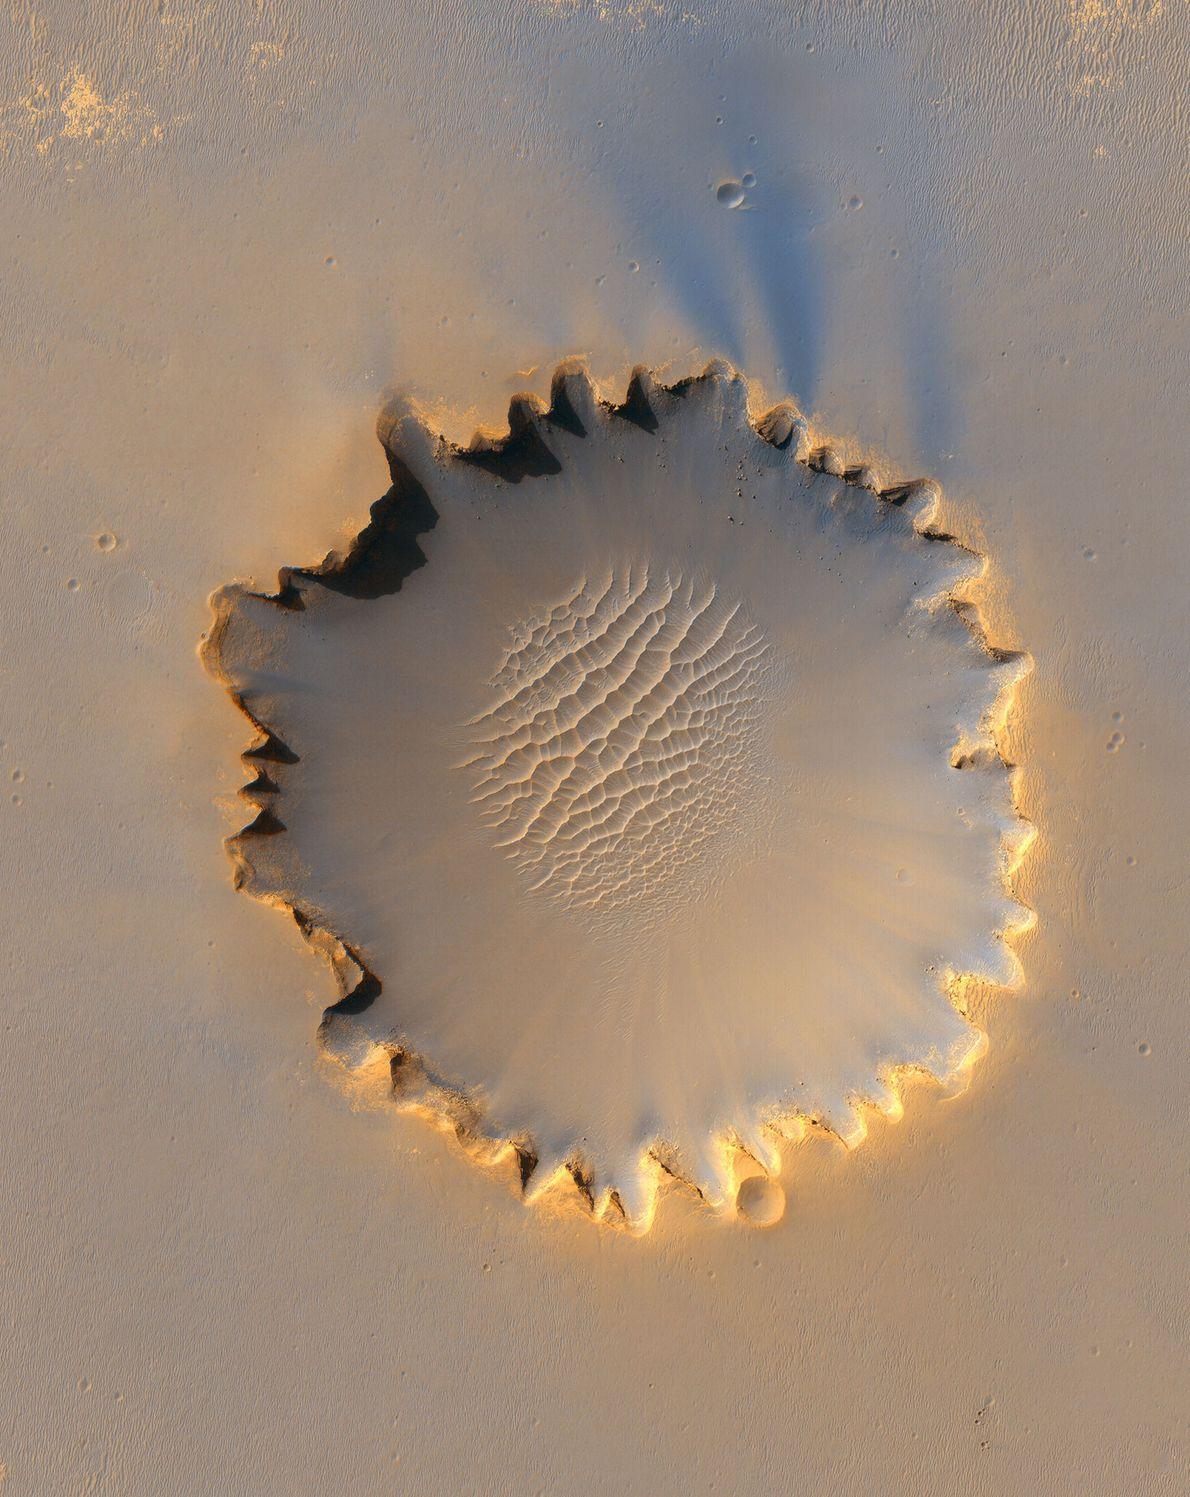 El cráter Victoria tiene unos bordes irregulares particulares, producto de la erosión y la caída del ...